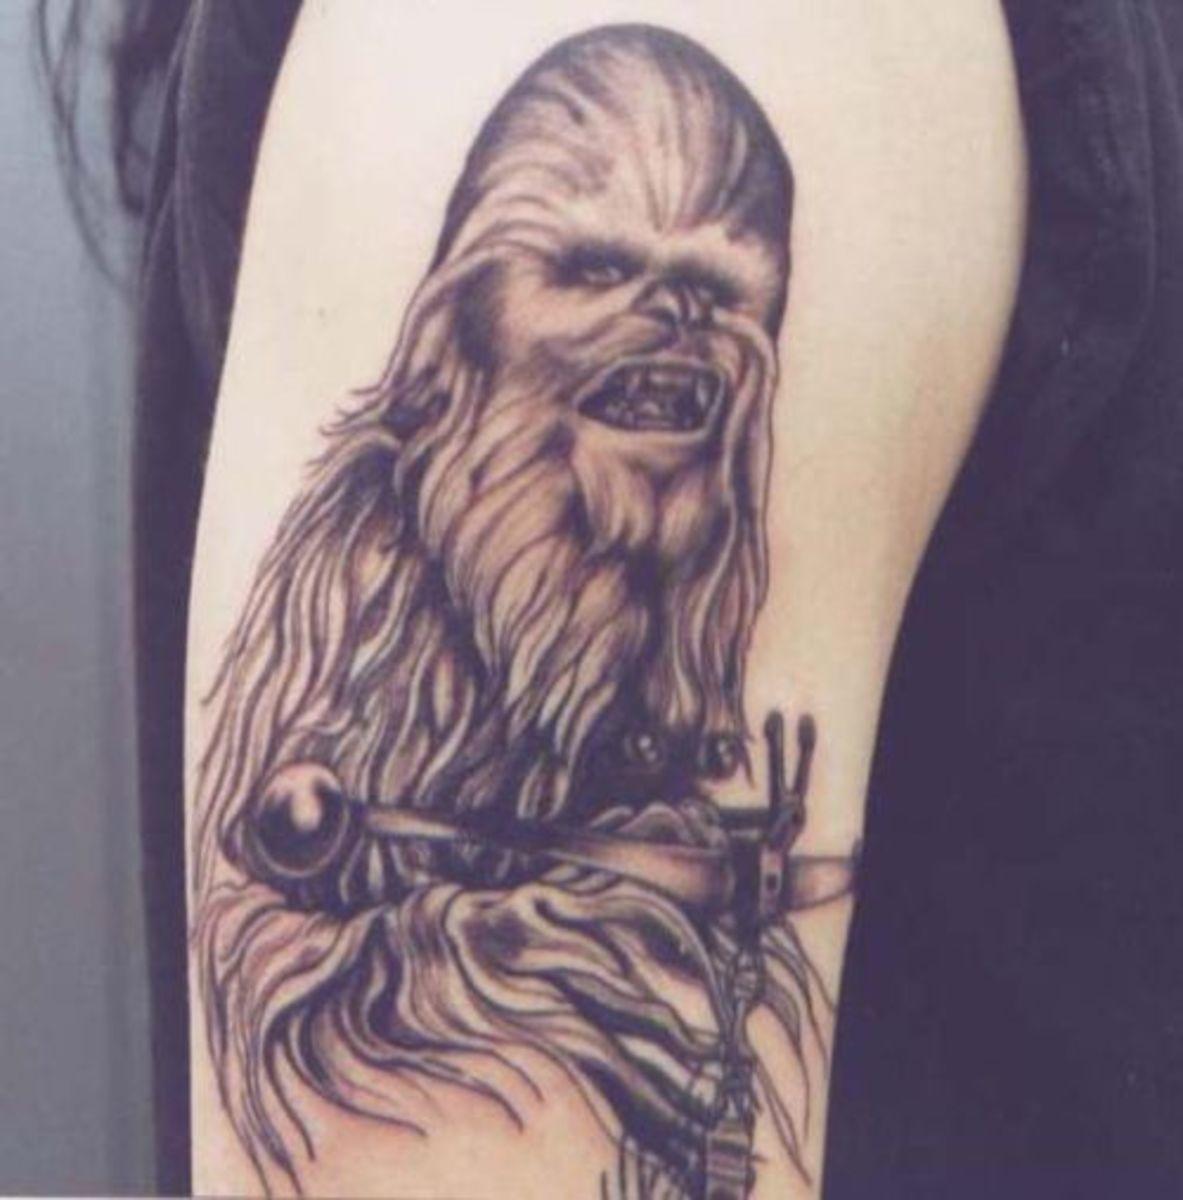 Chewbacca tattoo